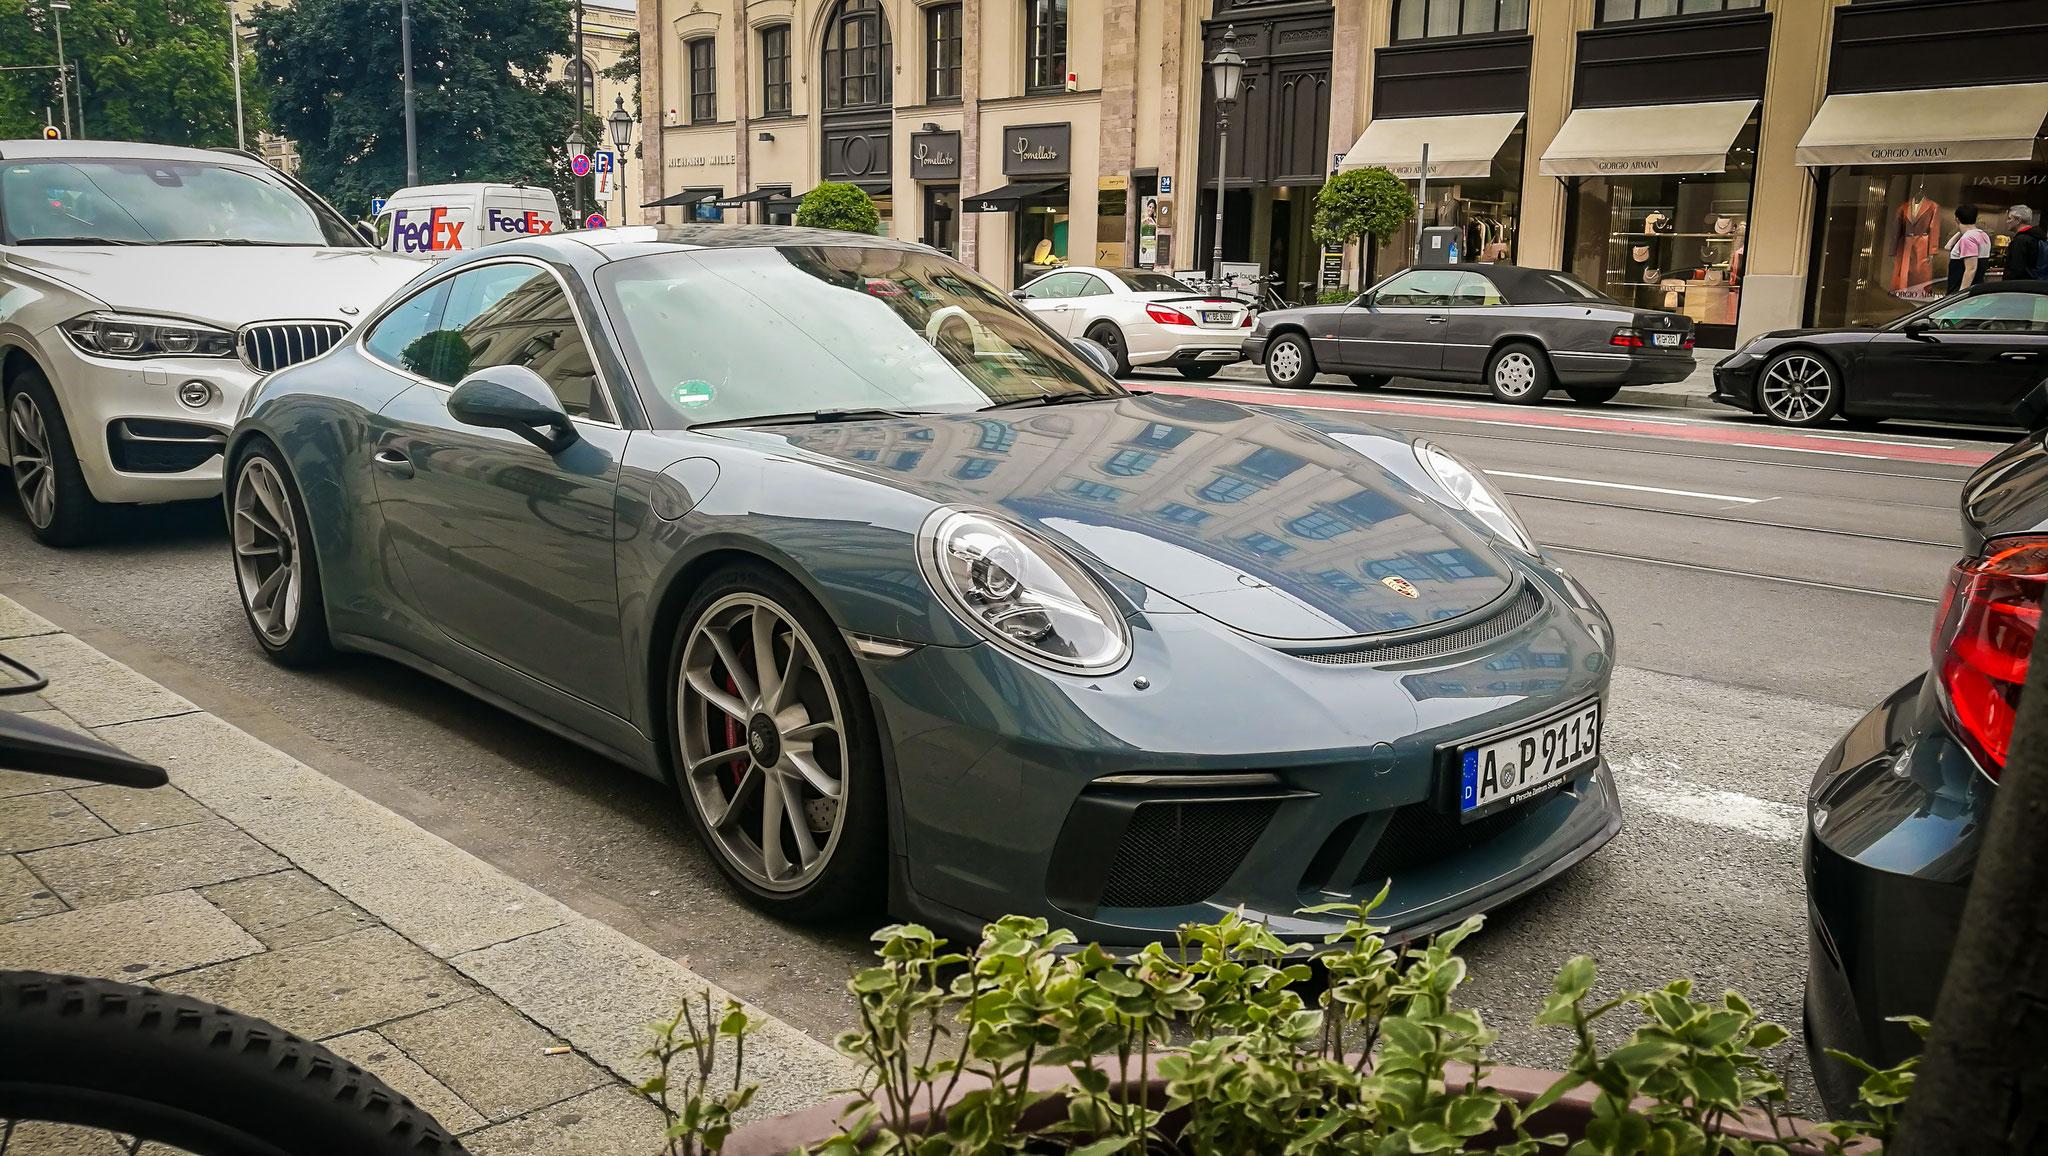 Porsche 991 GT3 Touring Package - A-P-9113